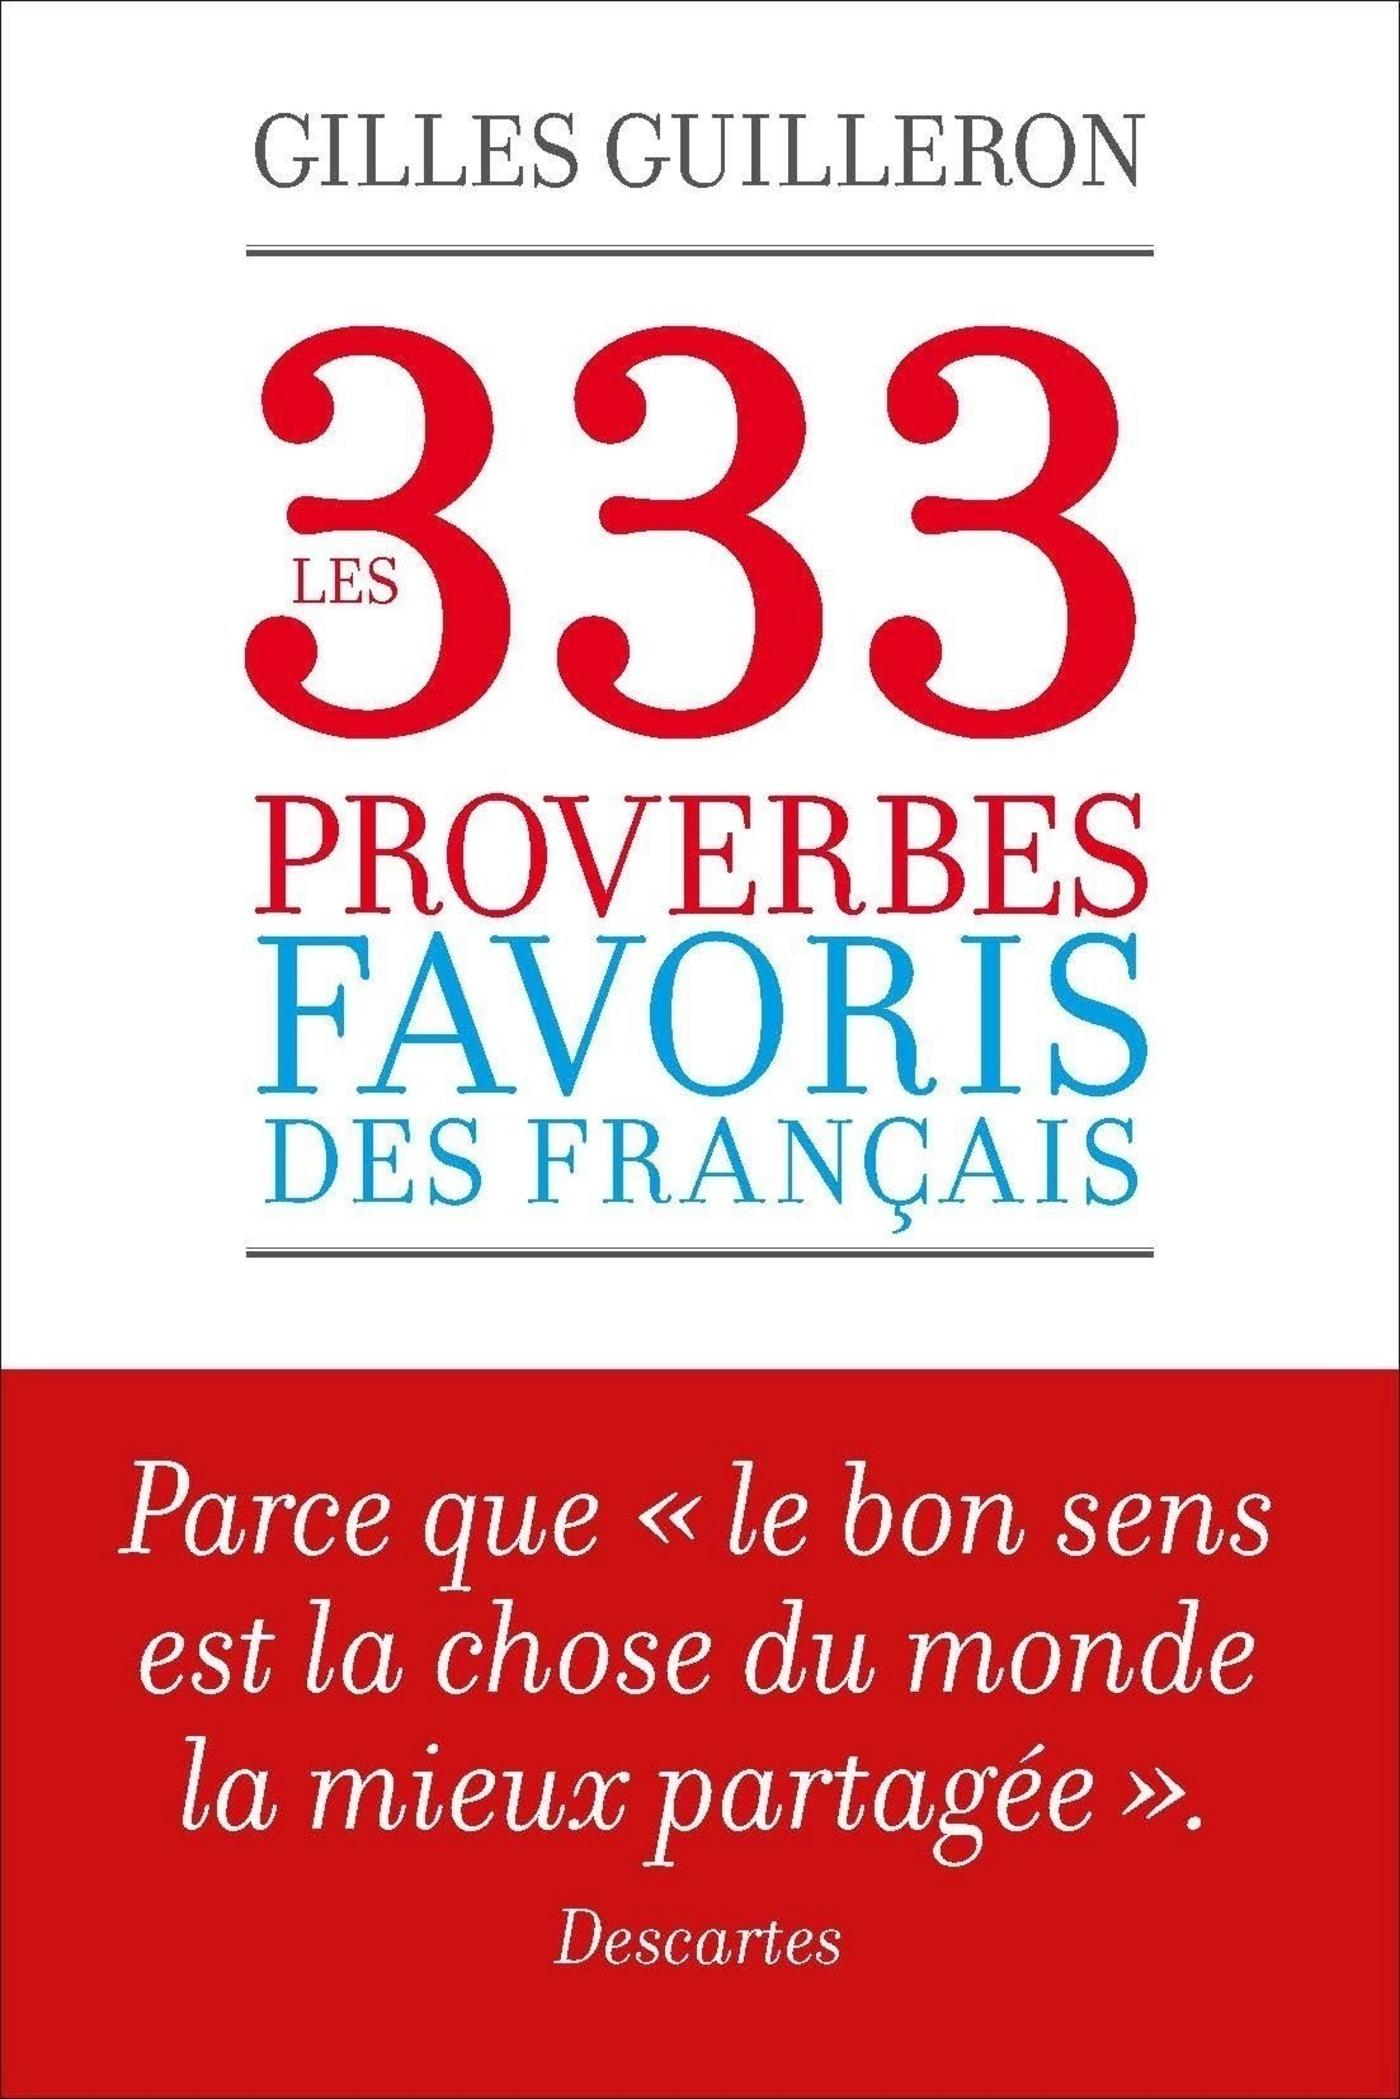 Les 333 proverbes favoris des français (ebook)